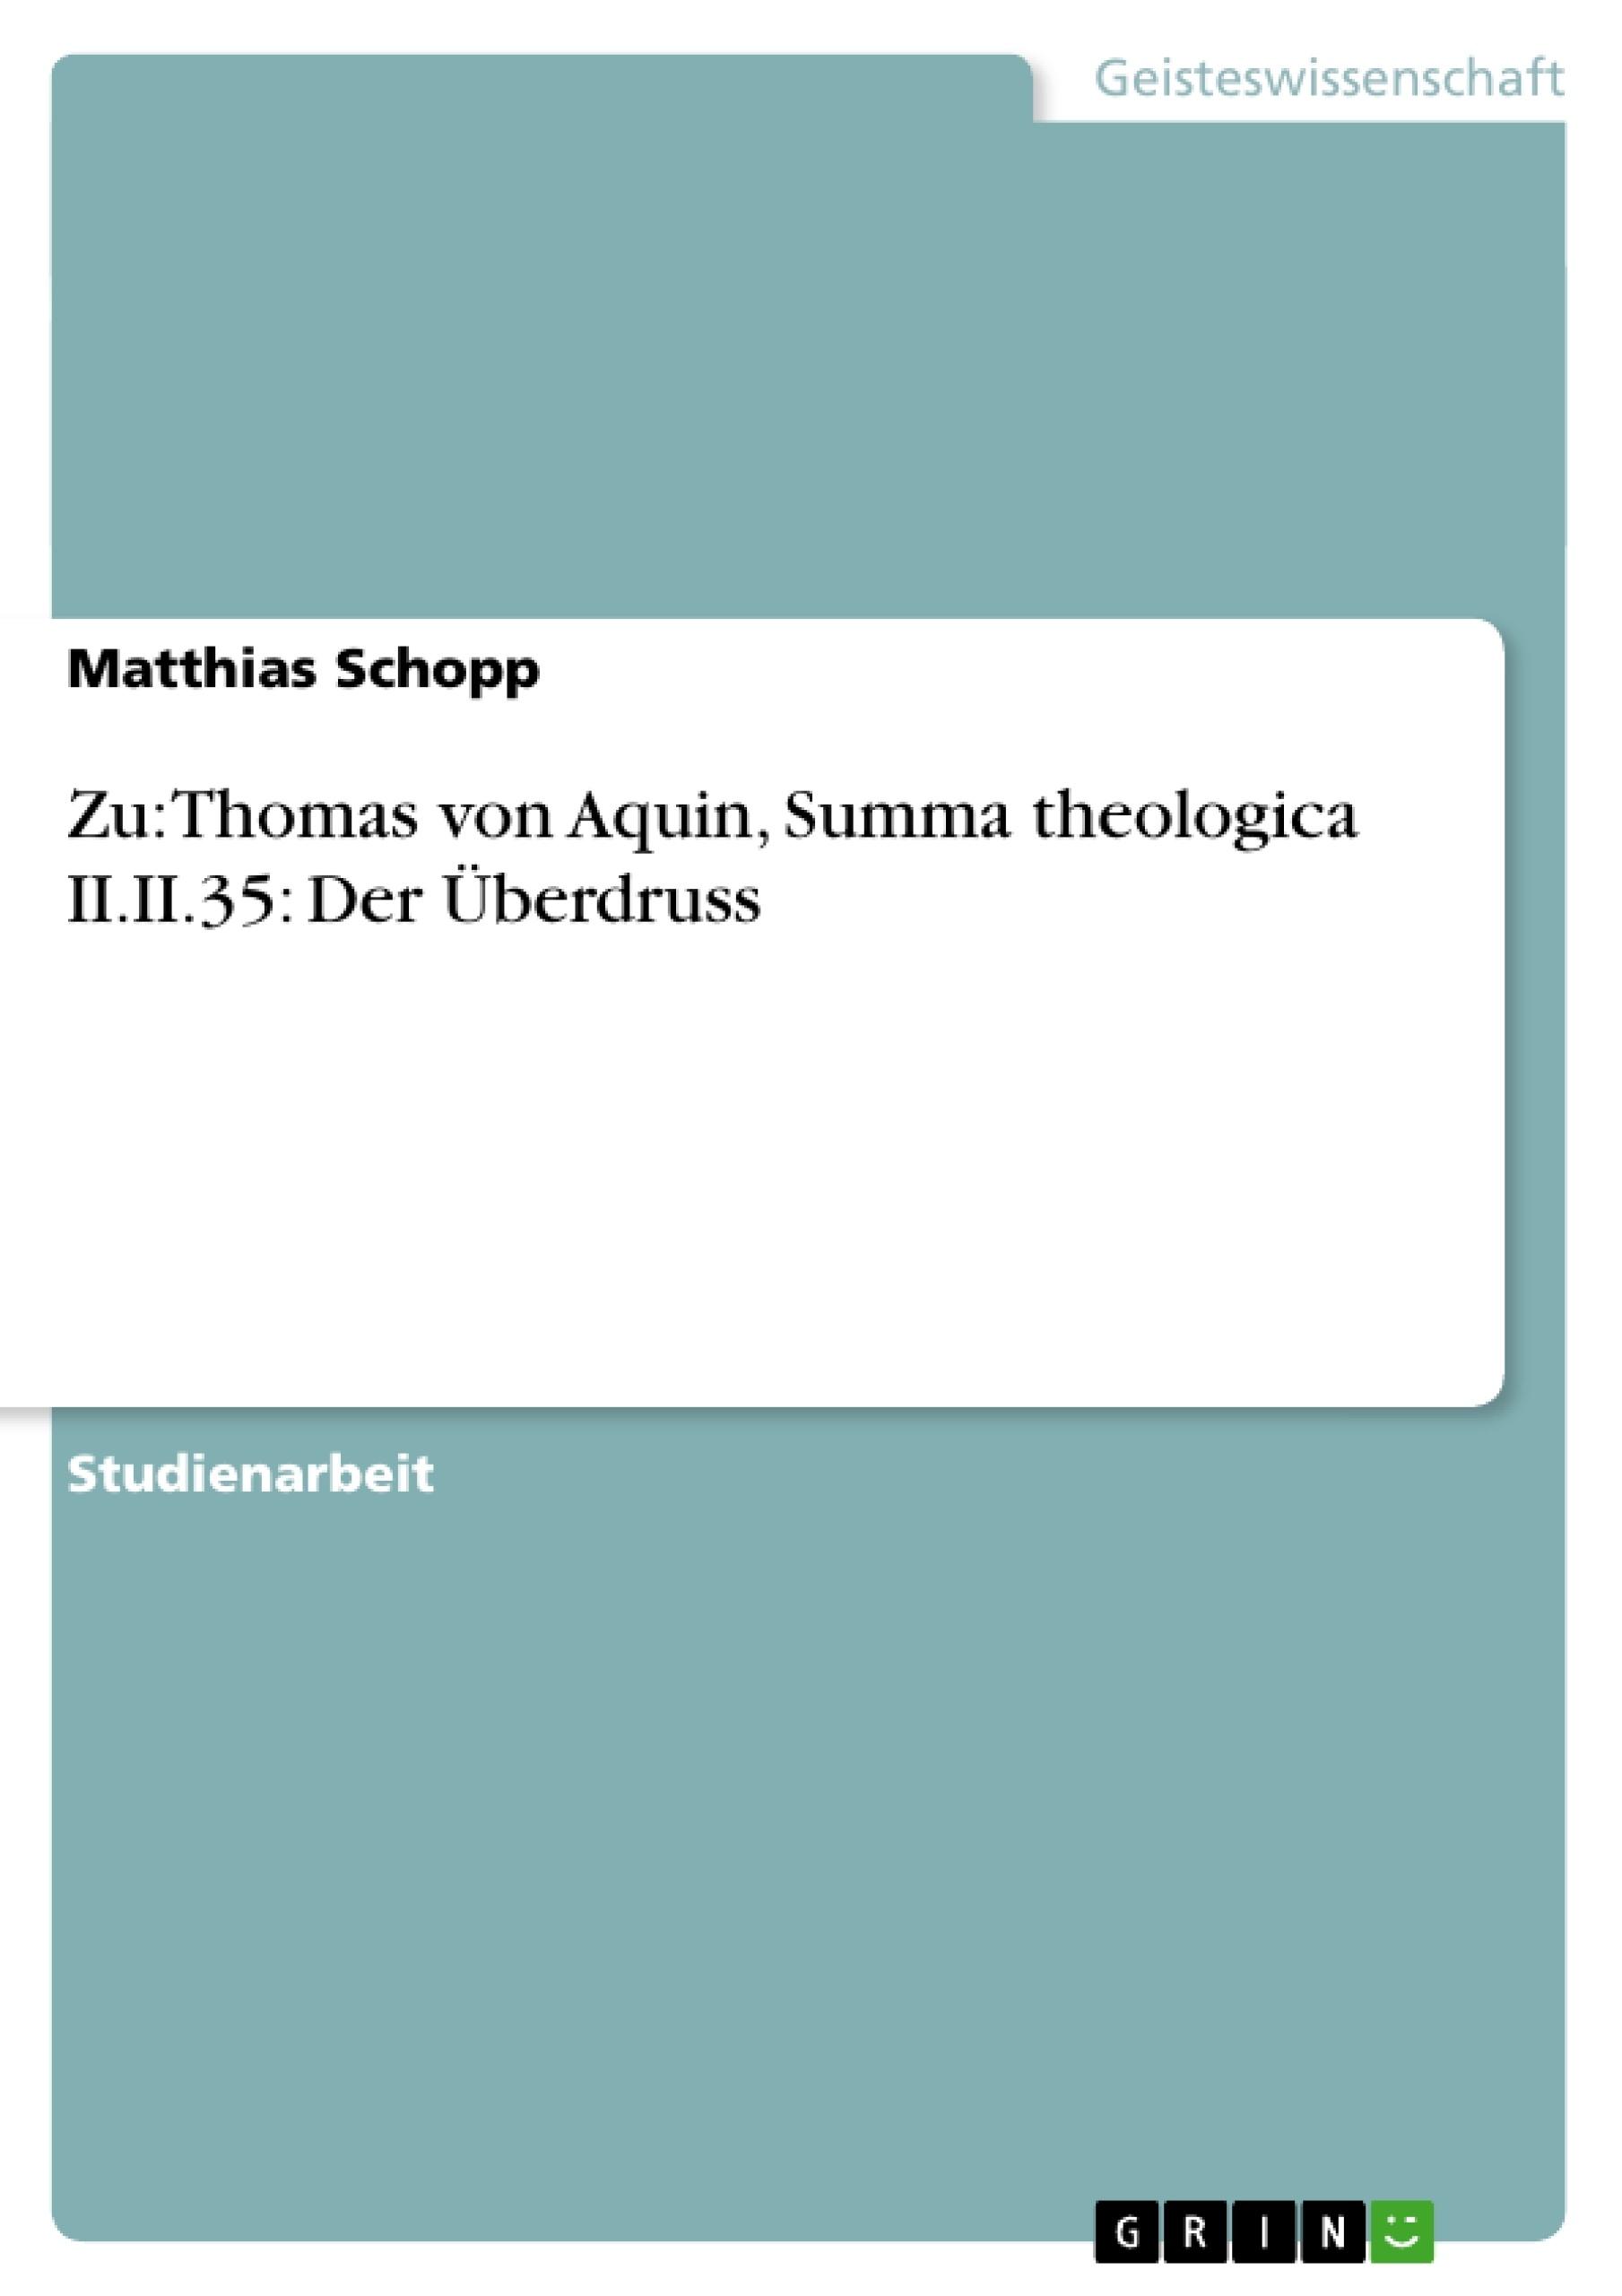 Titel: Zu: Thomas von Aquin, Summa theologica II.II.35: Der Überdruss